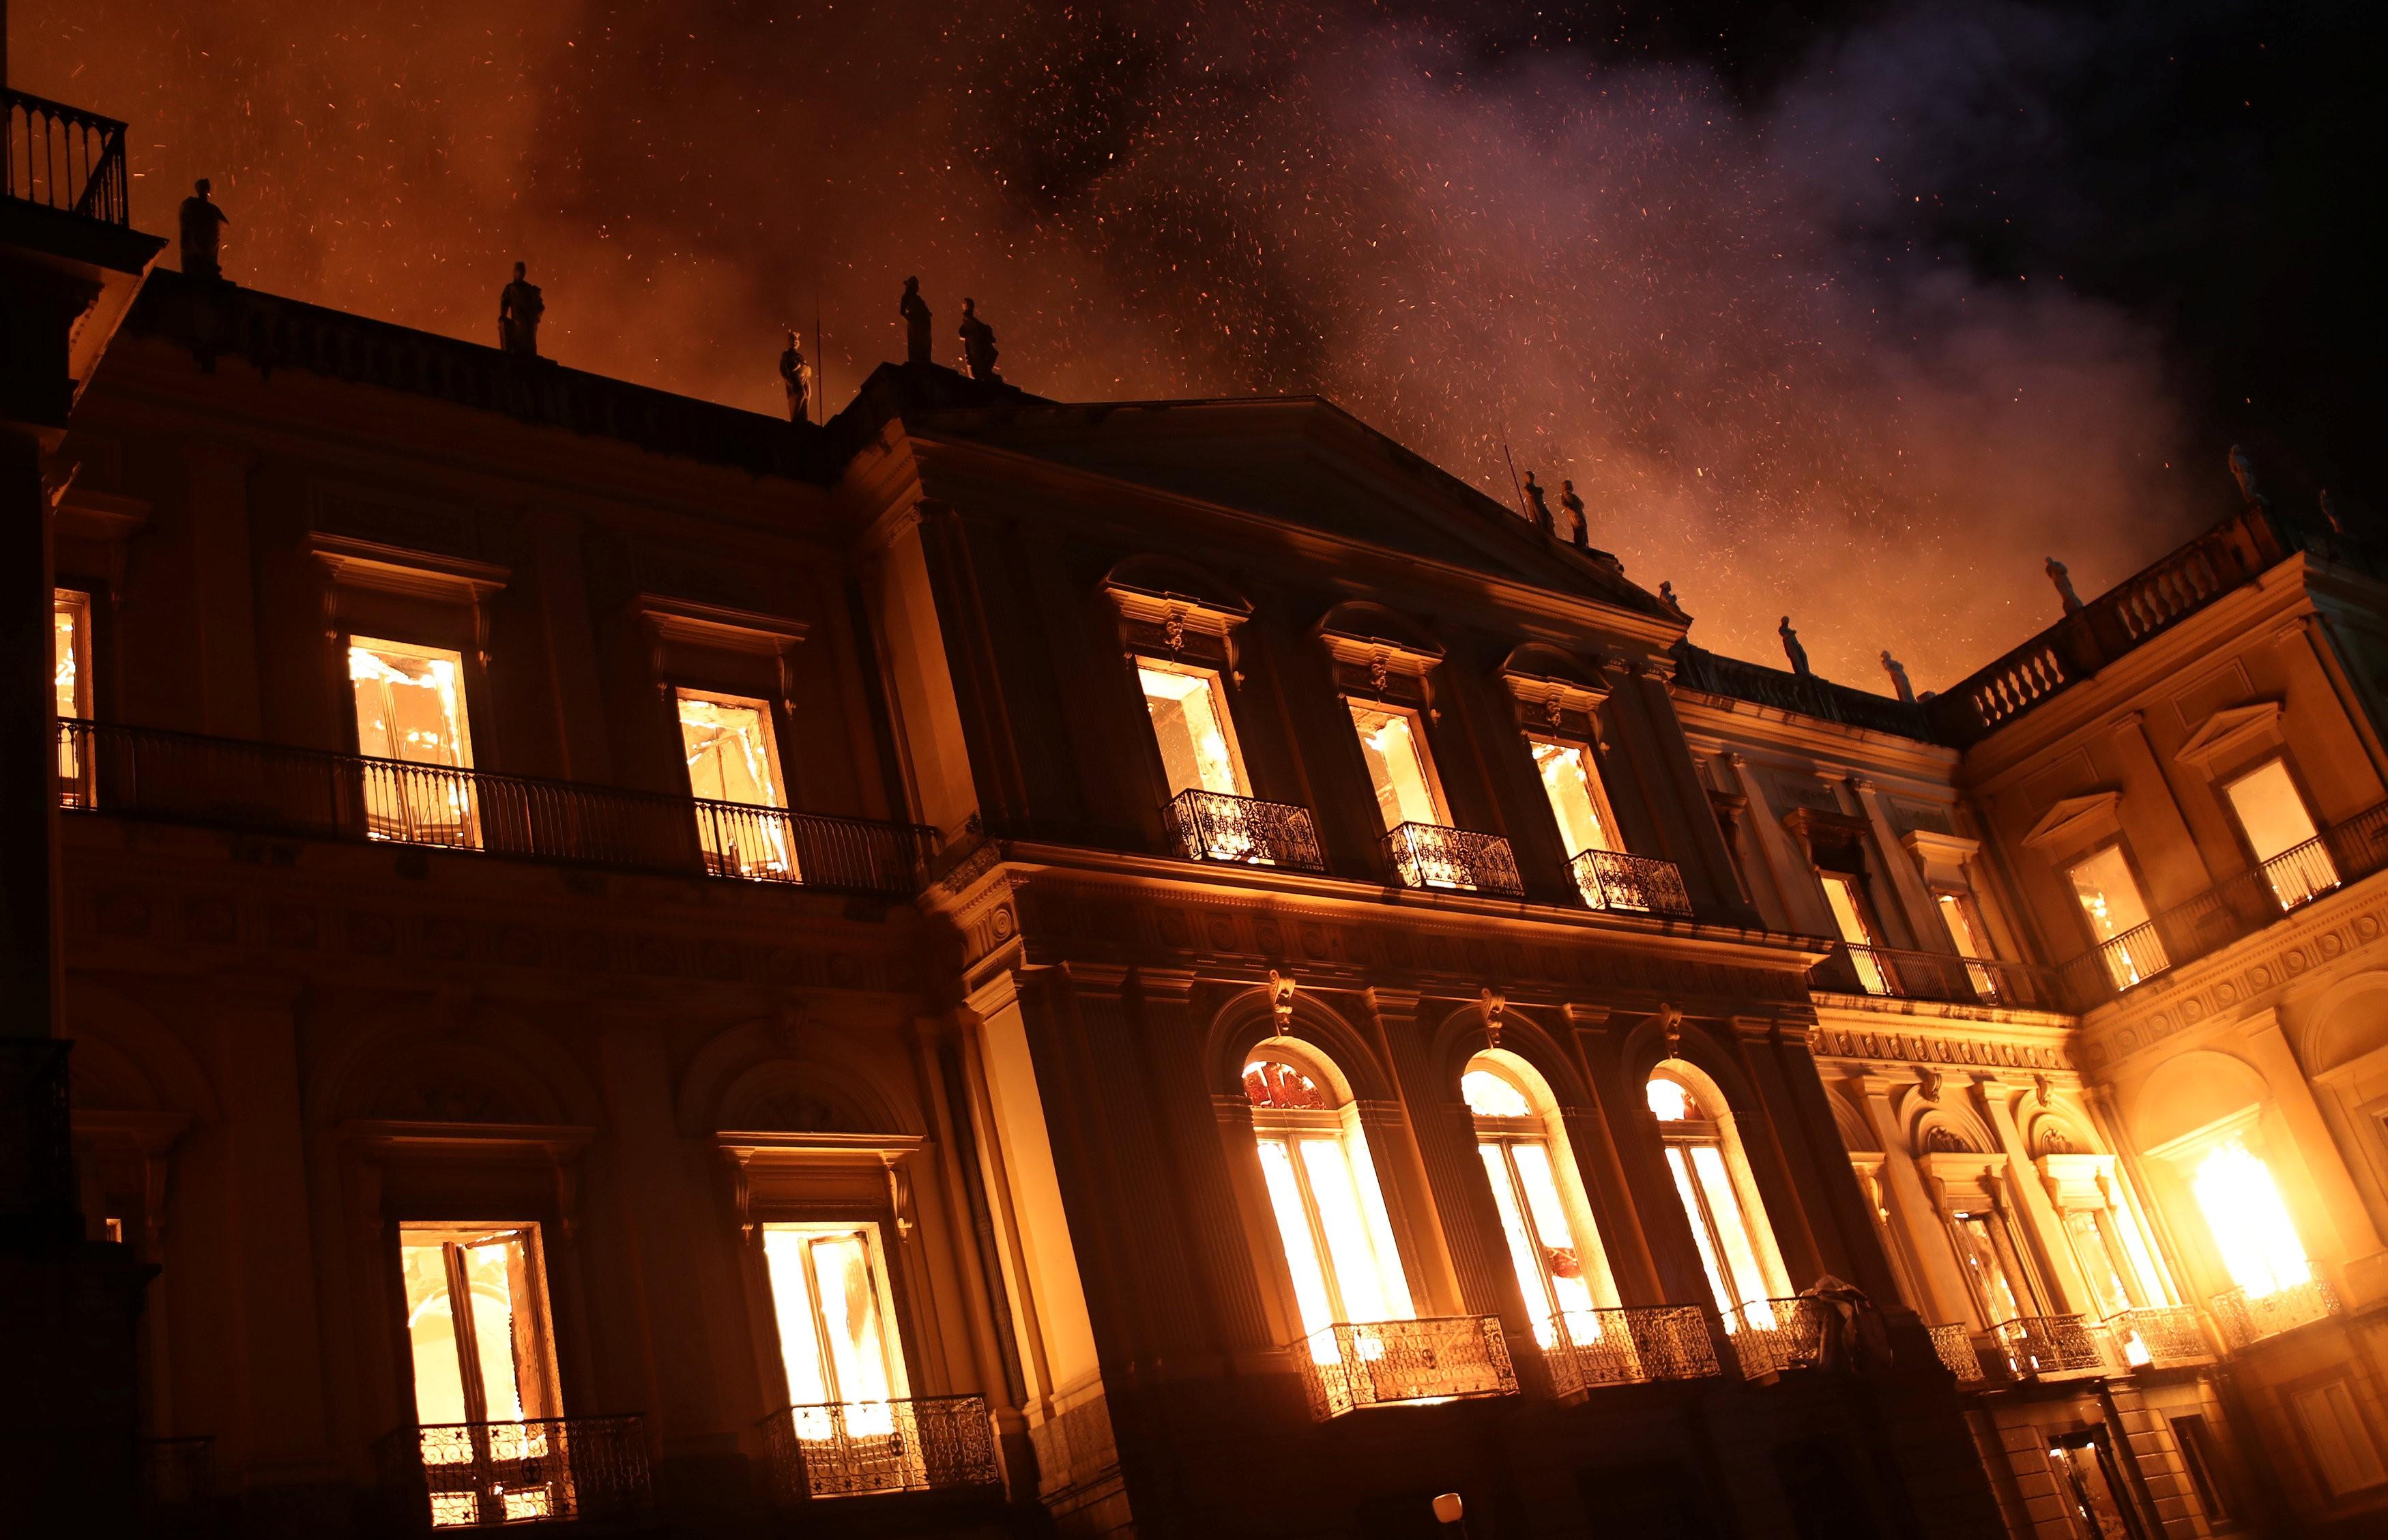 Resultado de imagem para esquerda comemora incêndio museu